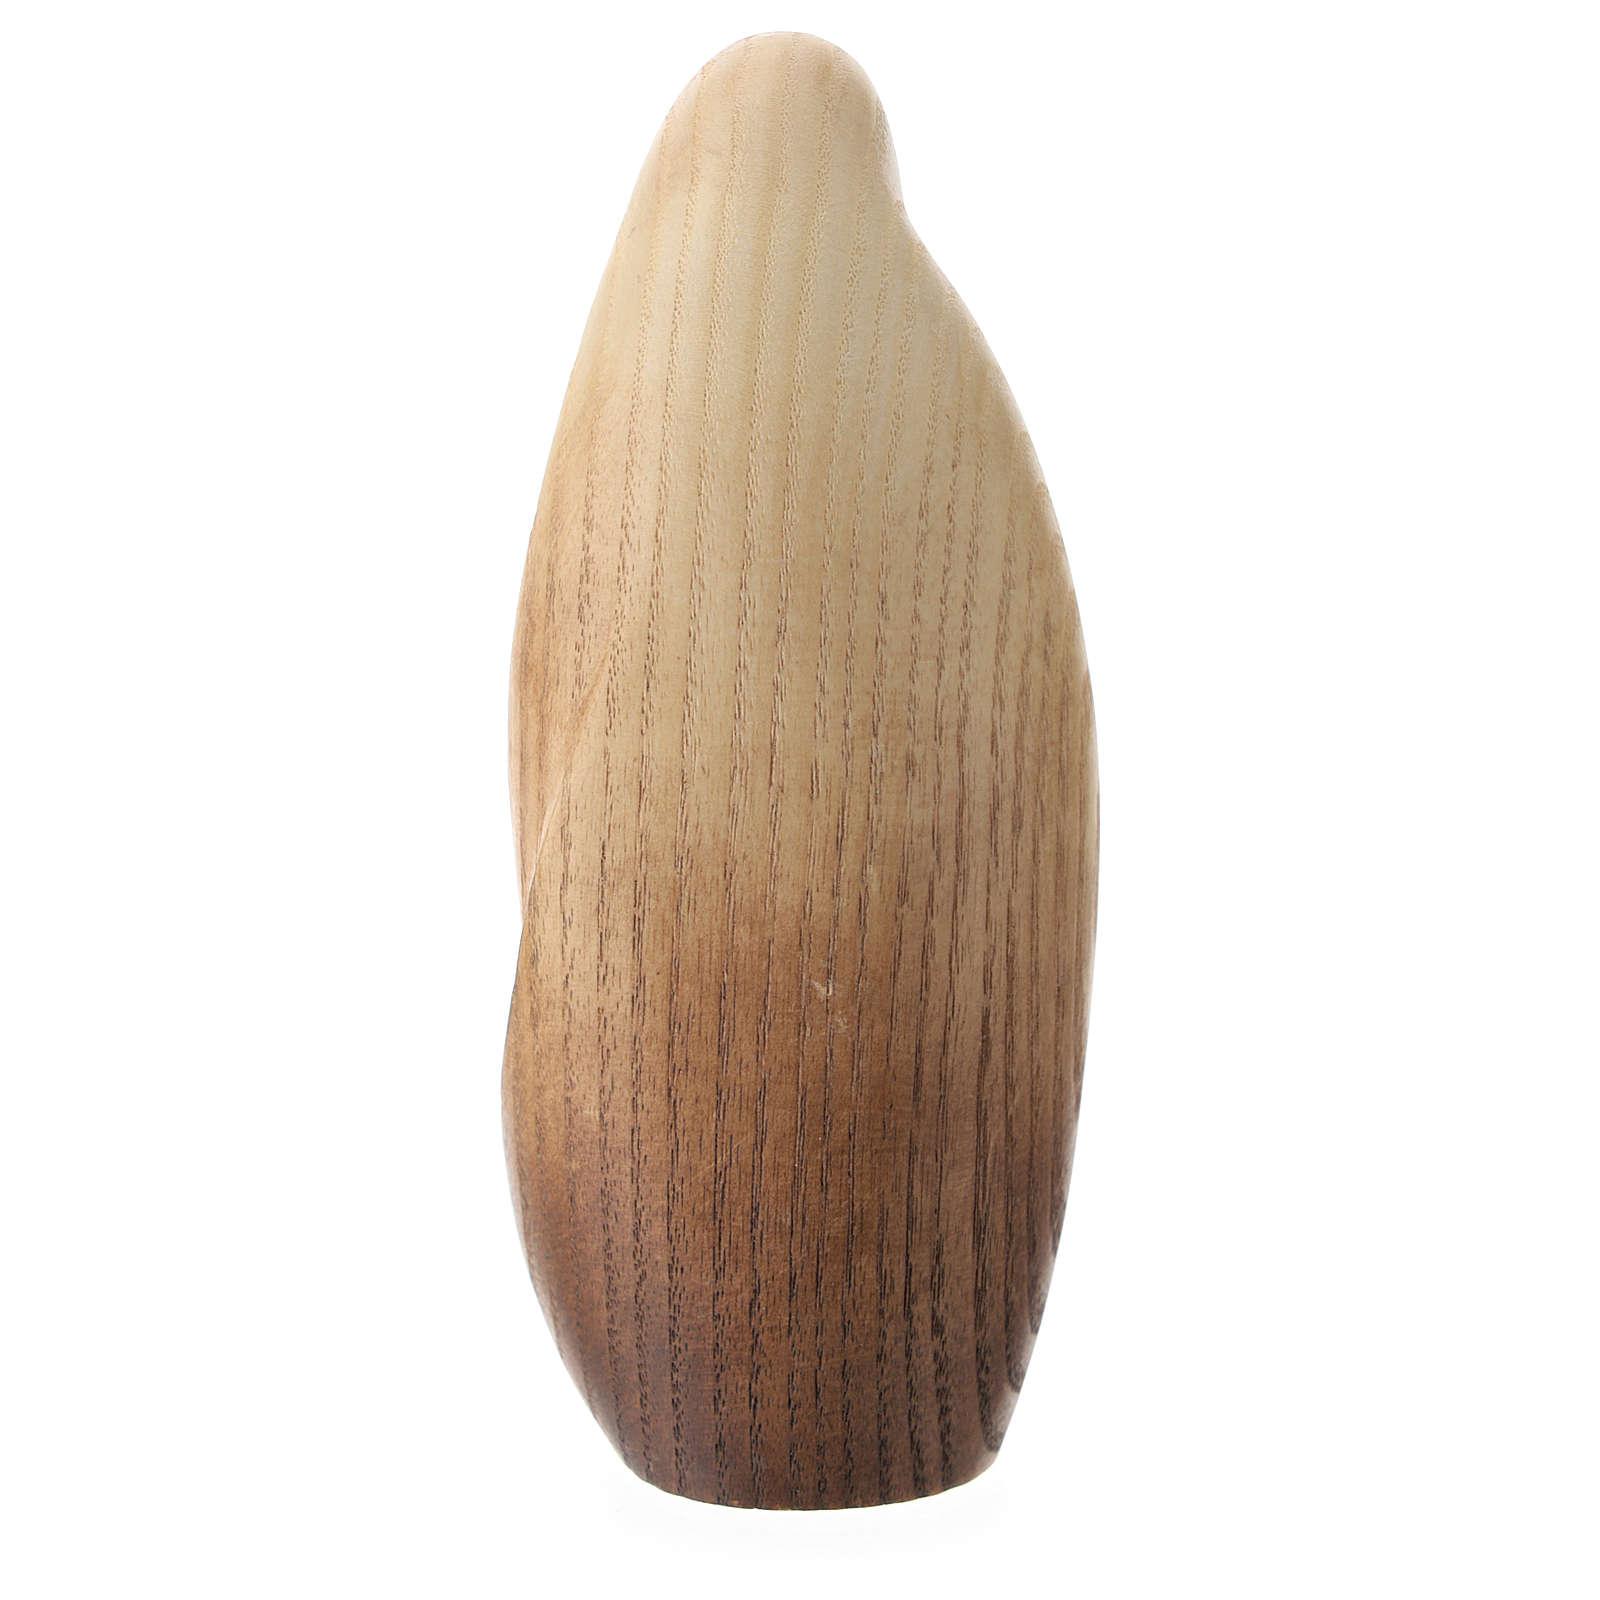 Natività La tenerezza legno frassino acquerelli Valgardena 3